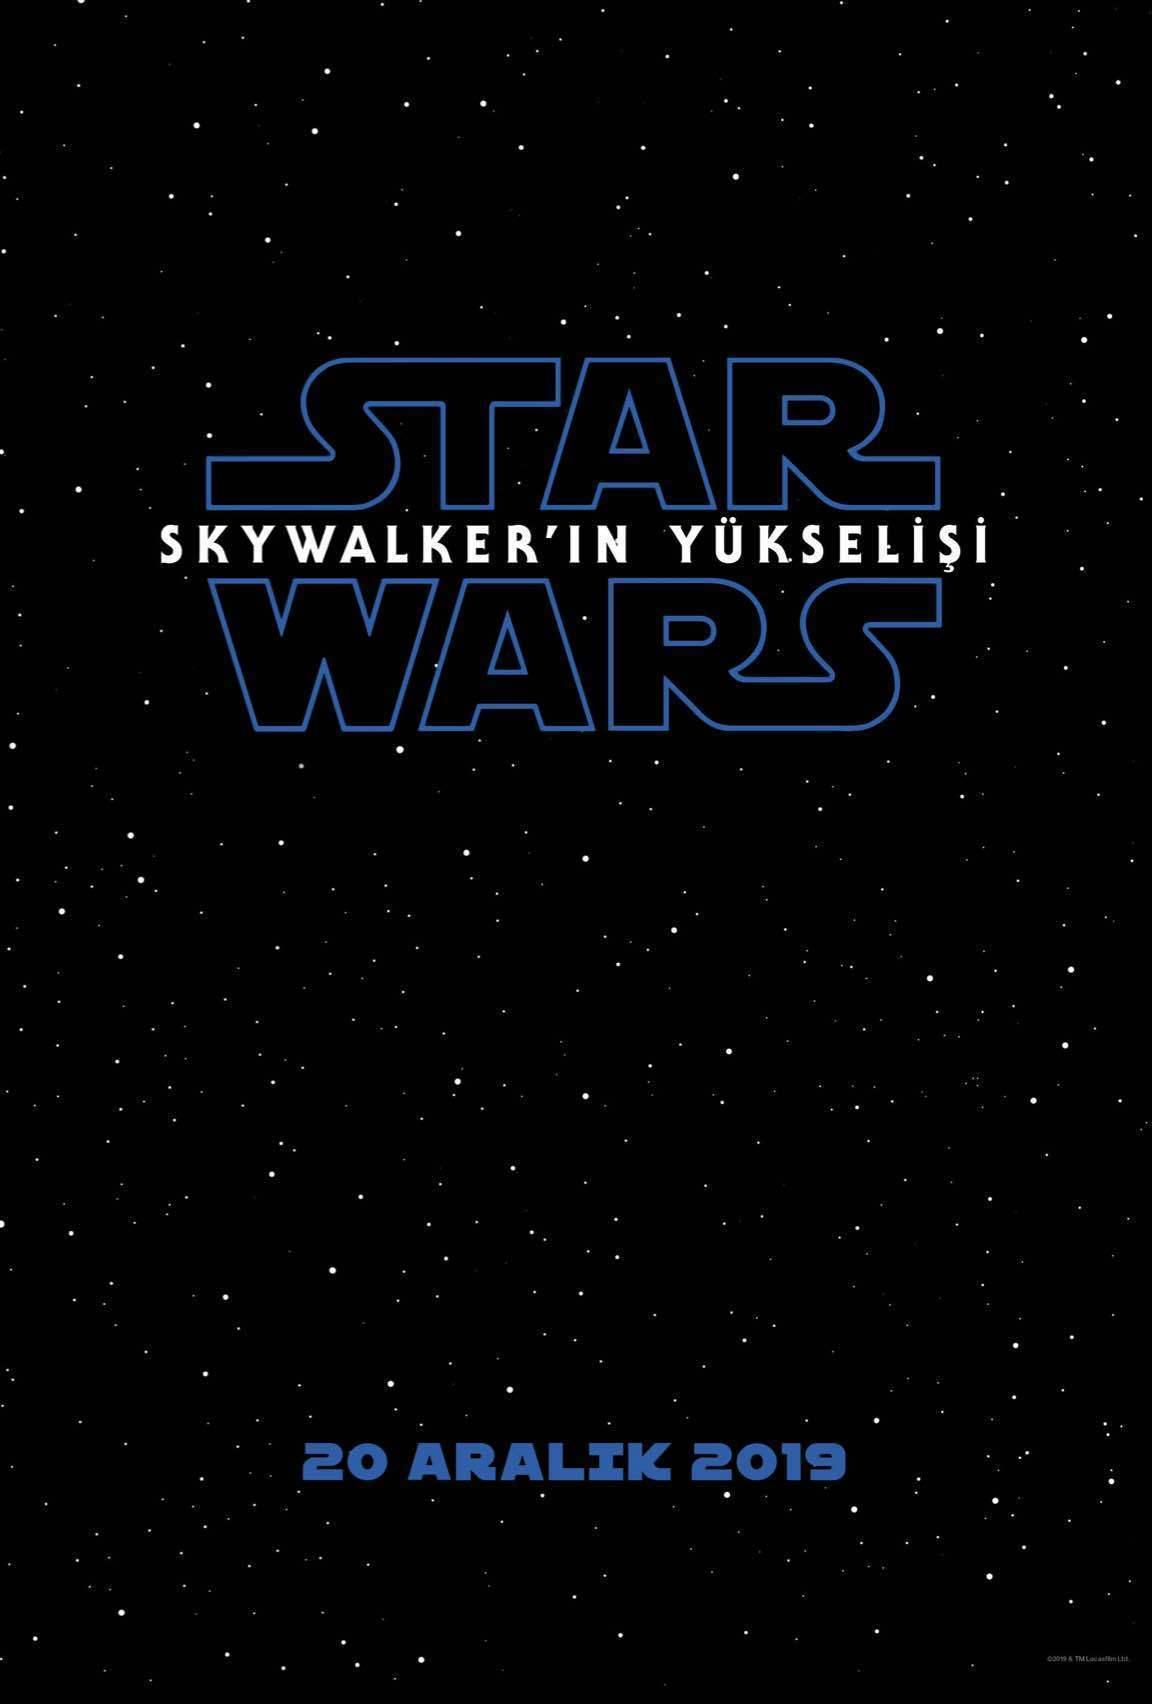 Αφίσα με μαύρο ουρανό, λευκά αστέρια και το λογότυπο από το Star Wars:Η Άνοδος τουSkywalker